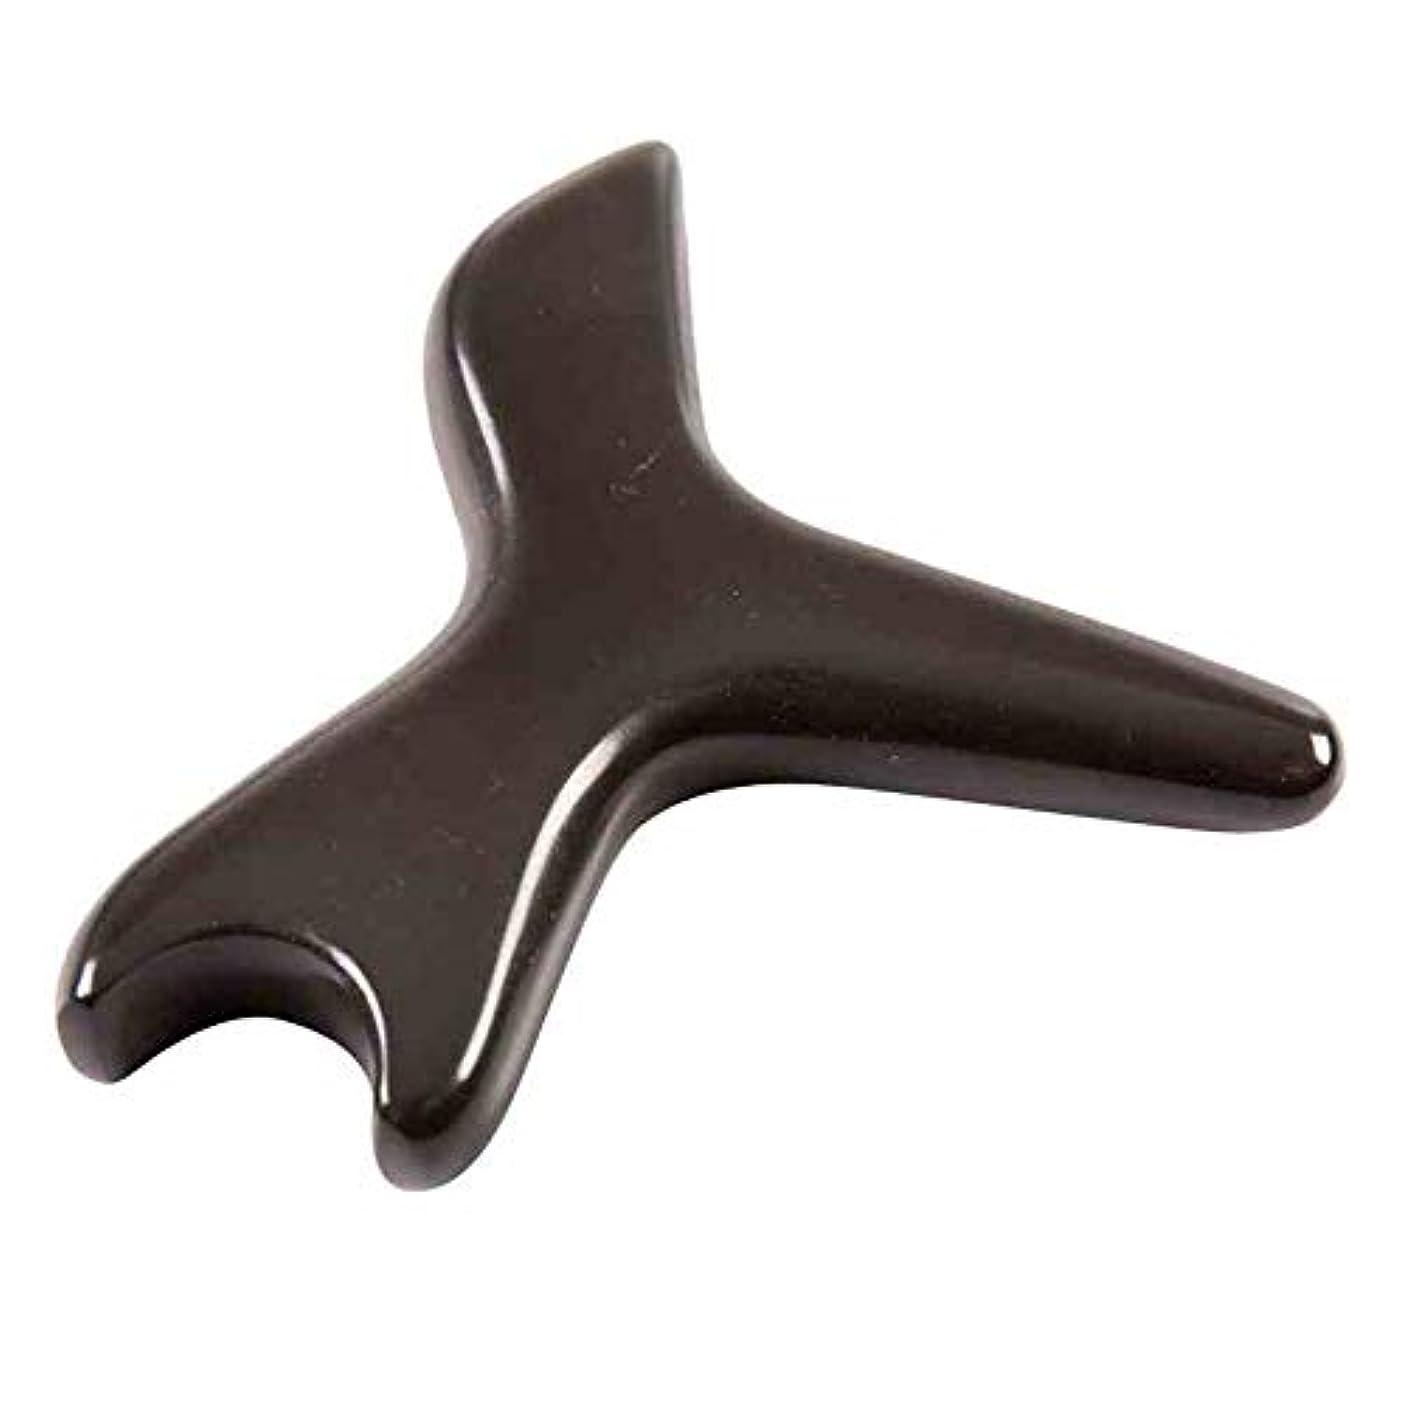 シェトランド諸島サンダースマージン足の針療法のマッサージの処置のための自然な茶色のこする石の針